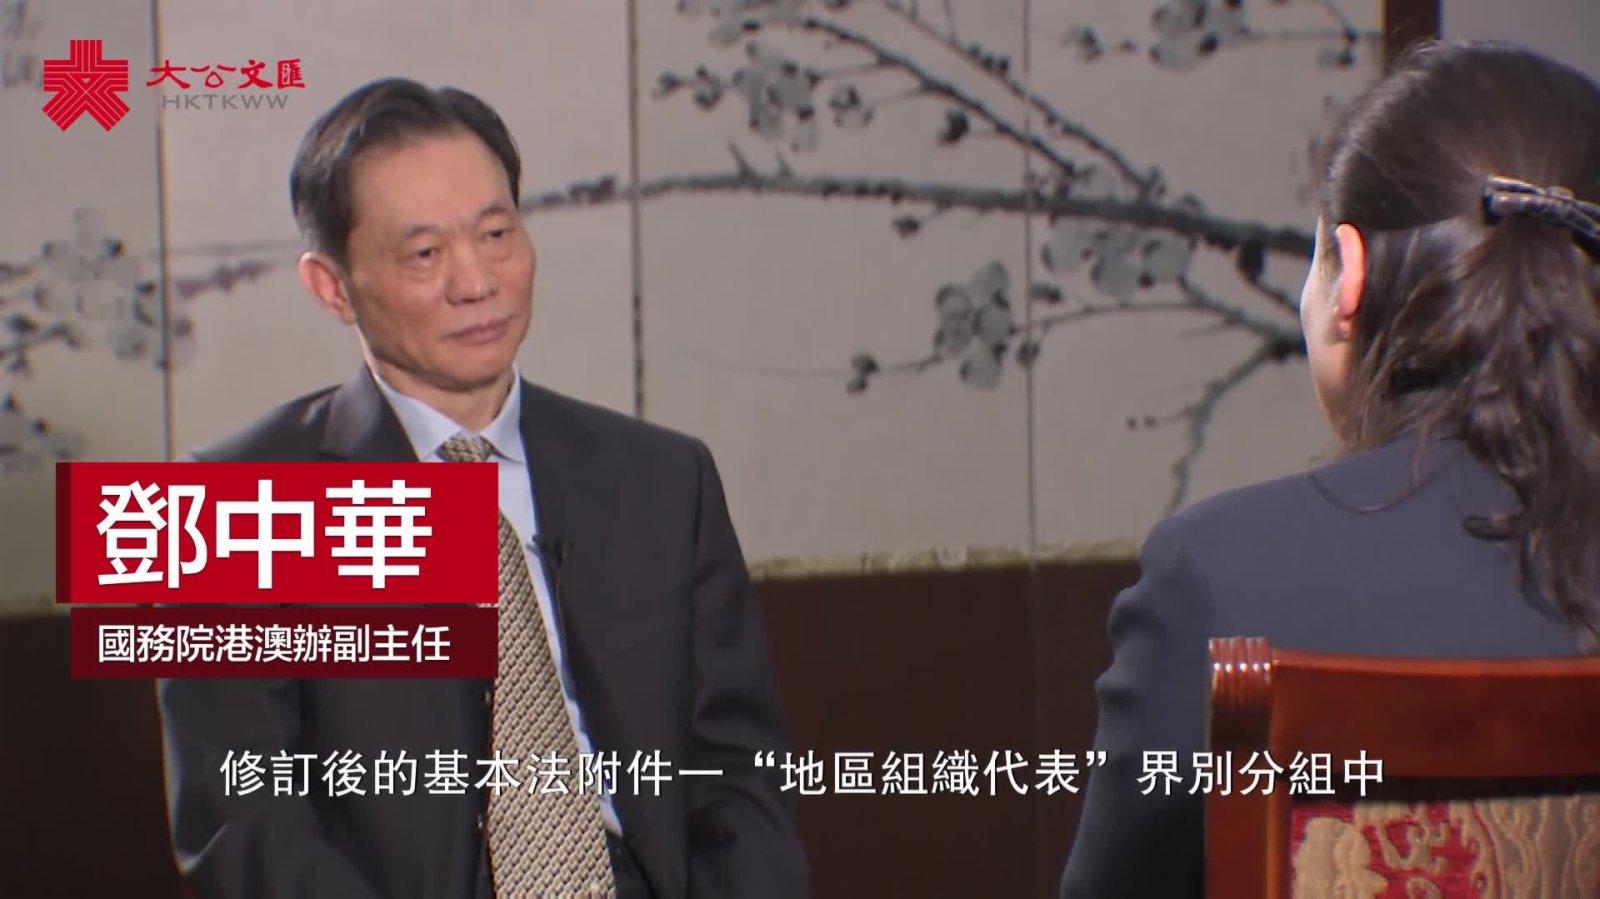 鄧中華:完善選制還原區議會職能 回歸本職做好地區工作